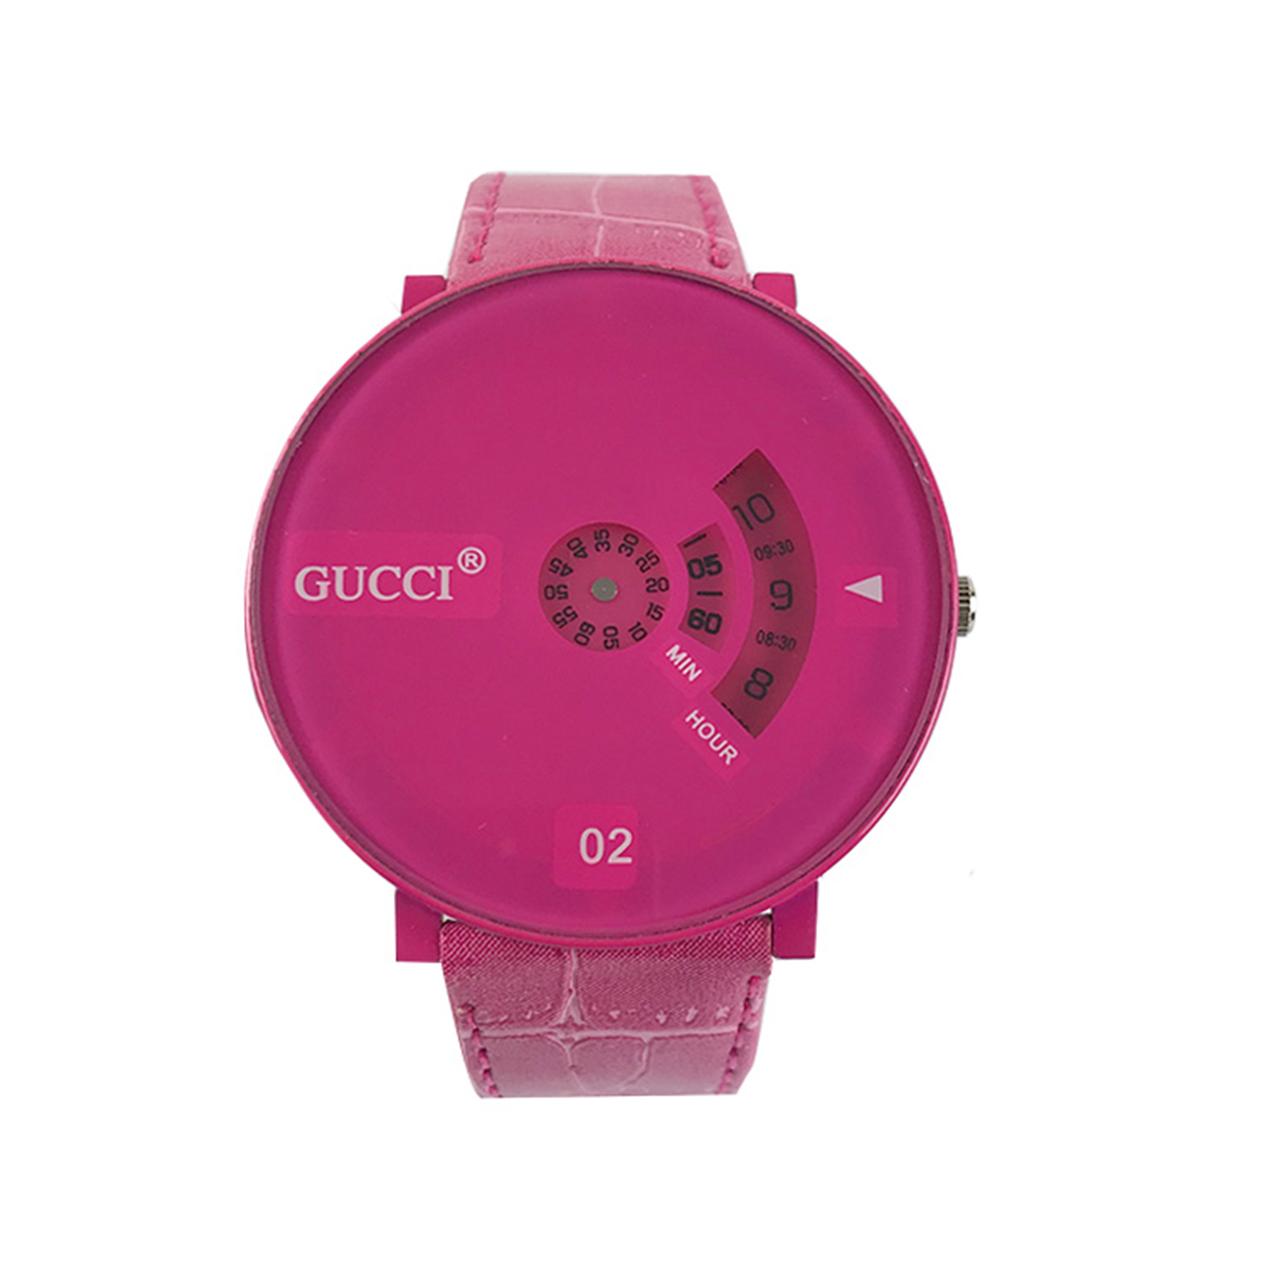 ساعت مچی دیجیتال زنانه مدل DS 4649 53